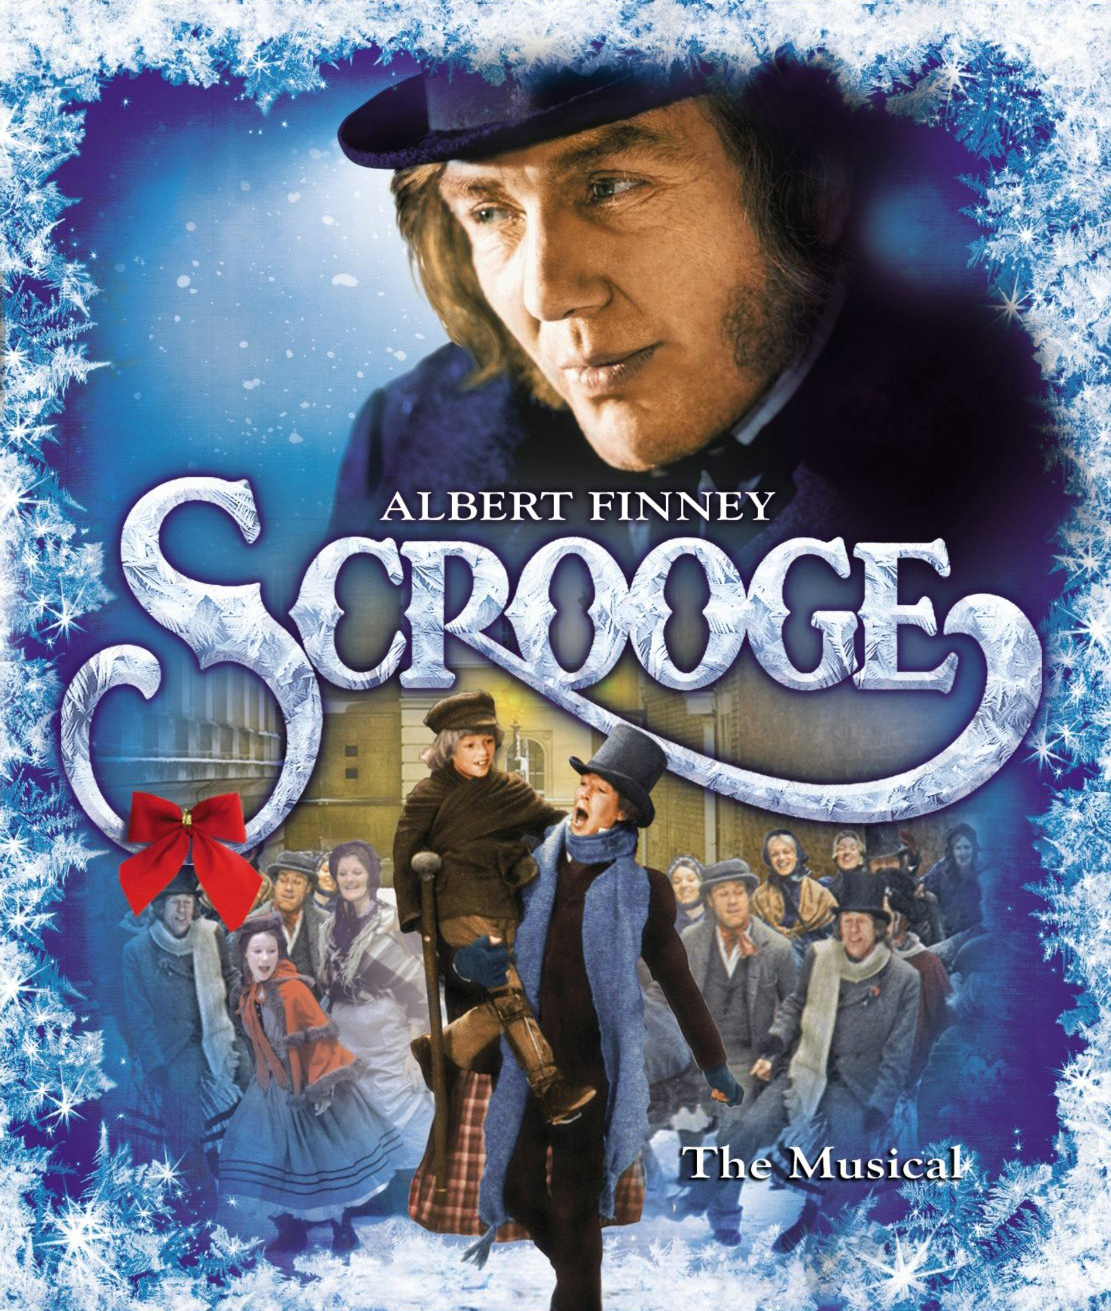 Christmas Movies – Scrooge